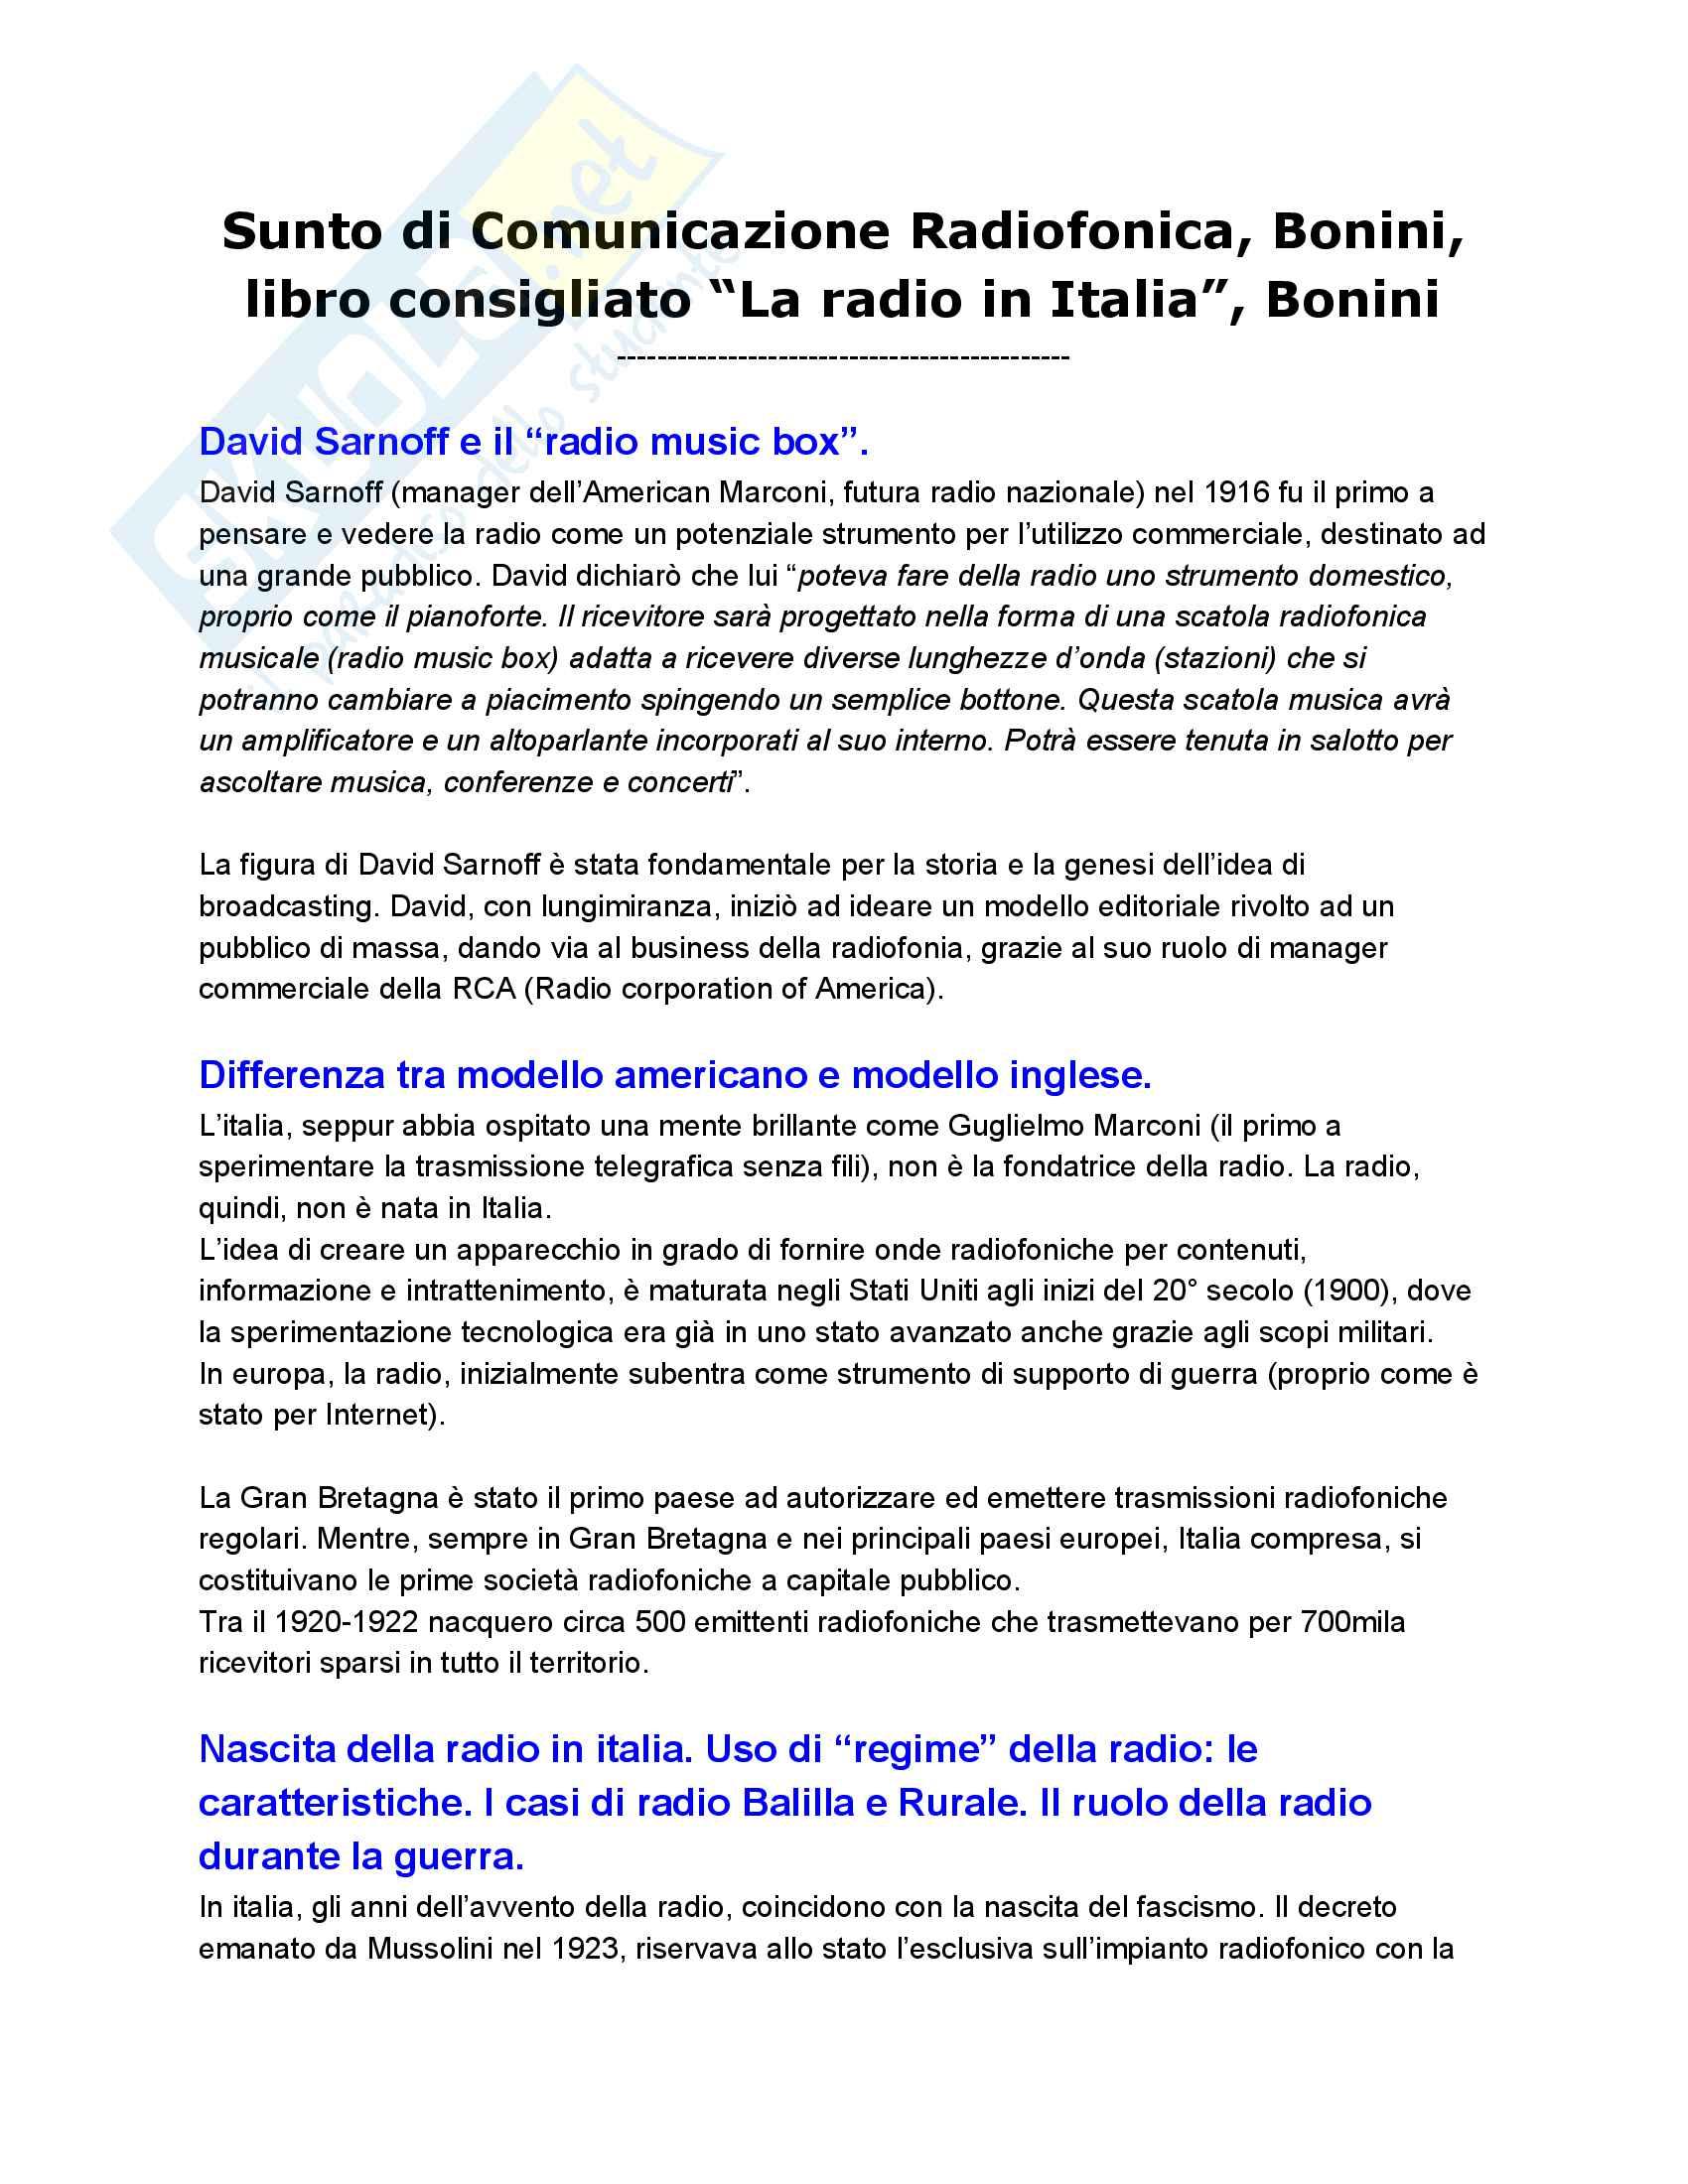 Riassunto esame Comunicazione Radiofonica, Bonini, libro consigliato La radio in Italia, Bonini